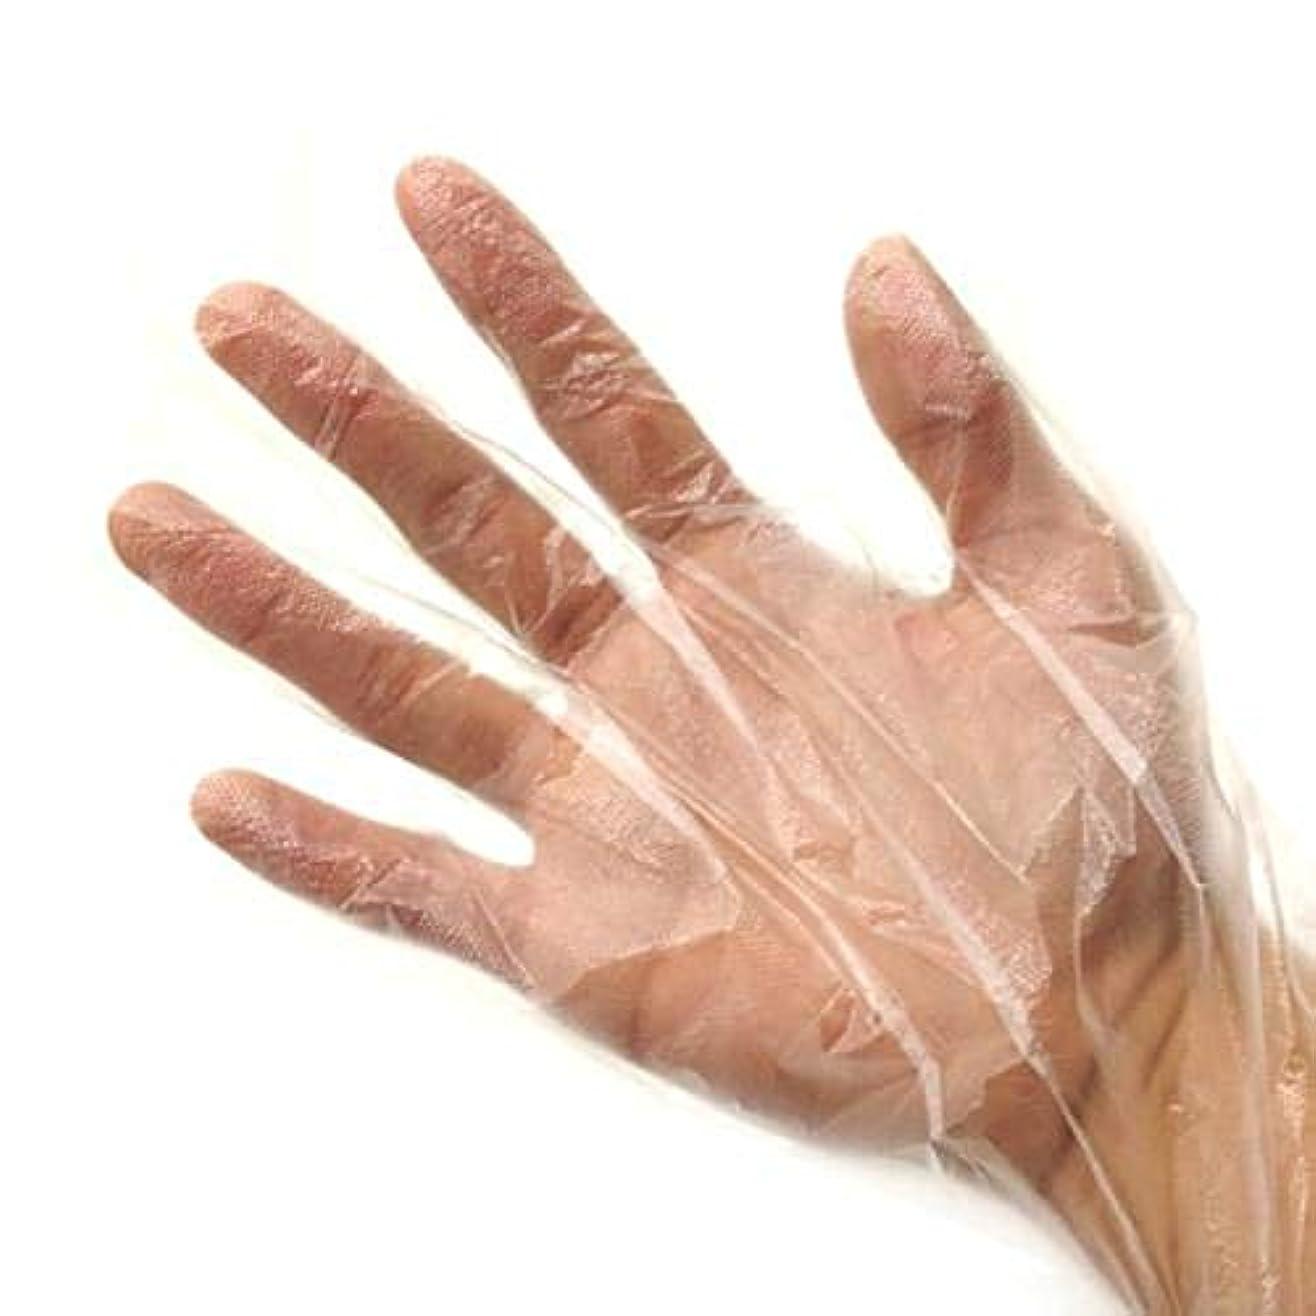 未払い優遇征服する使い捨て手袋 極薄ビニール手袋 調理 透明 実用 衛生 100枚入